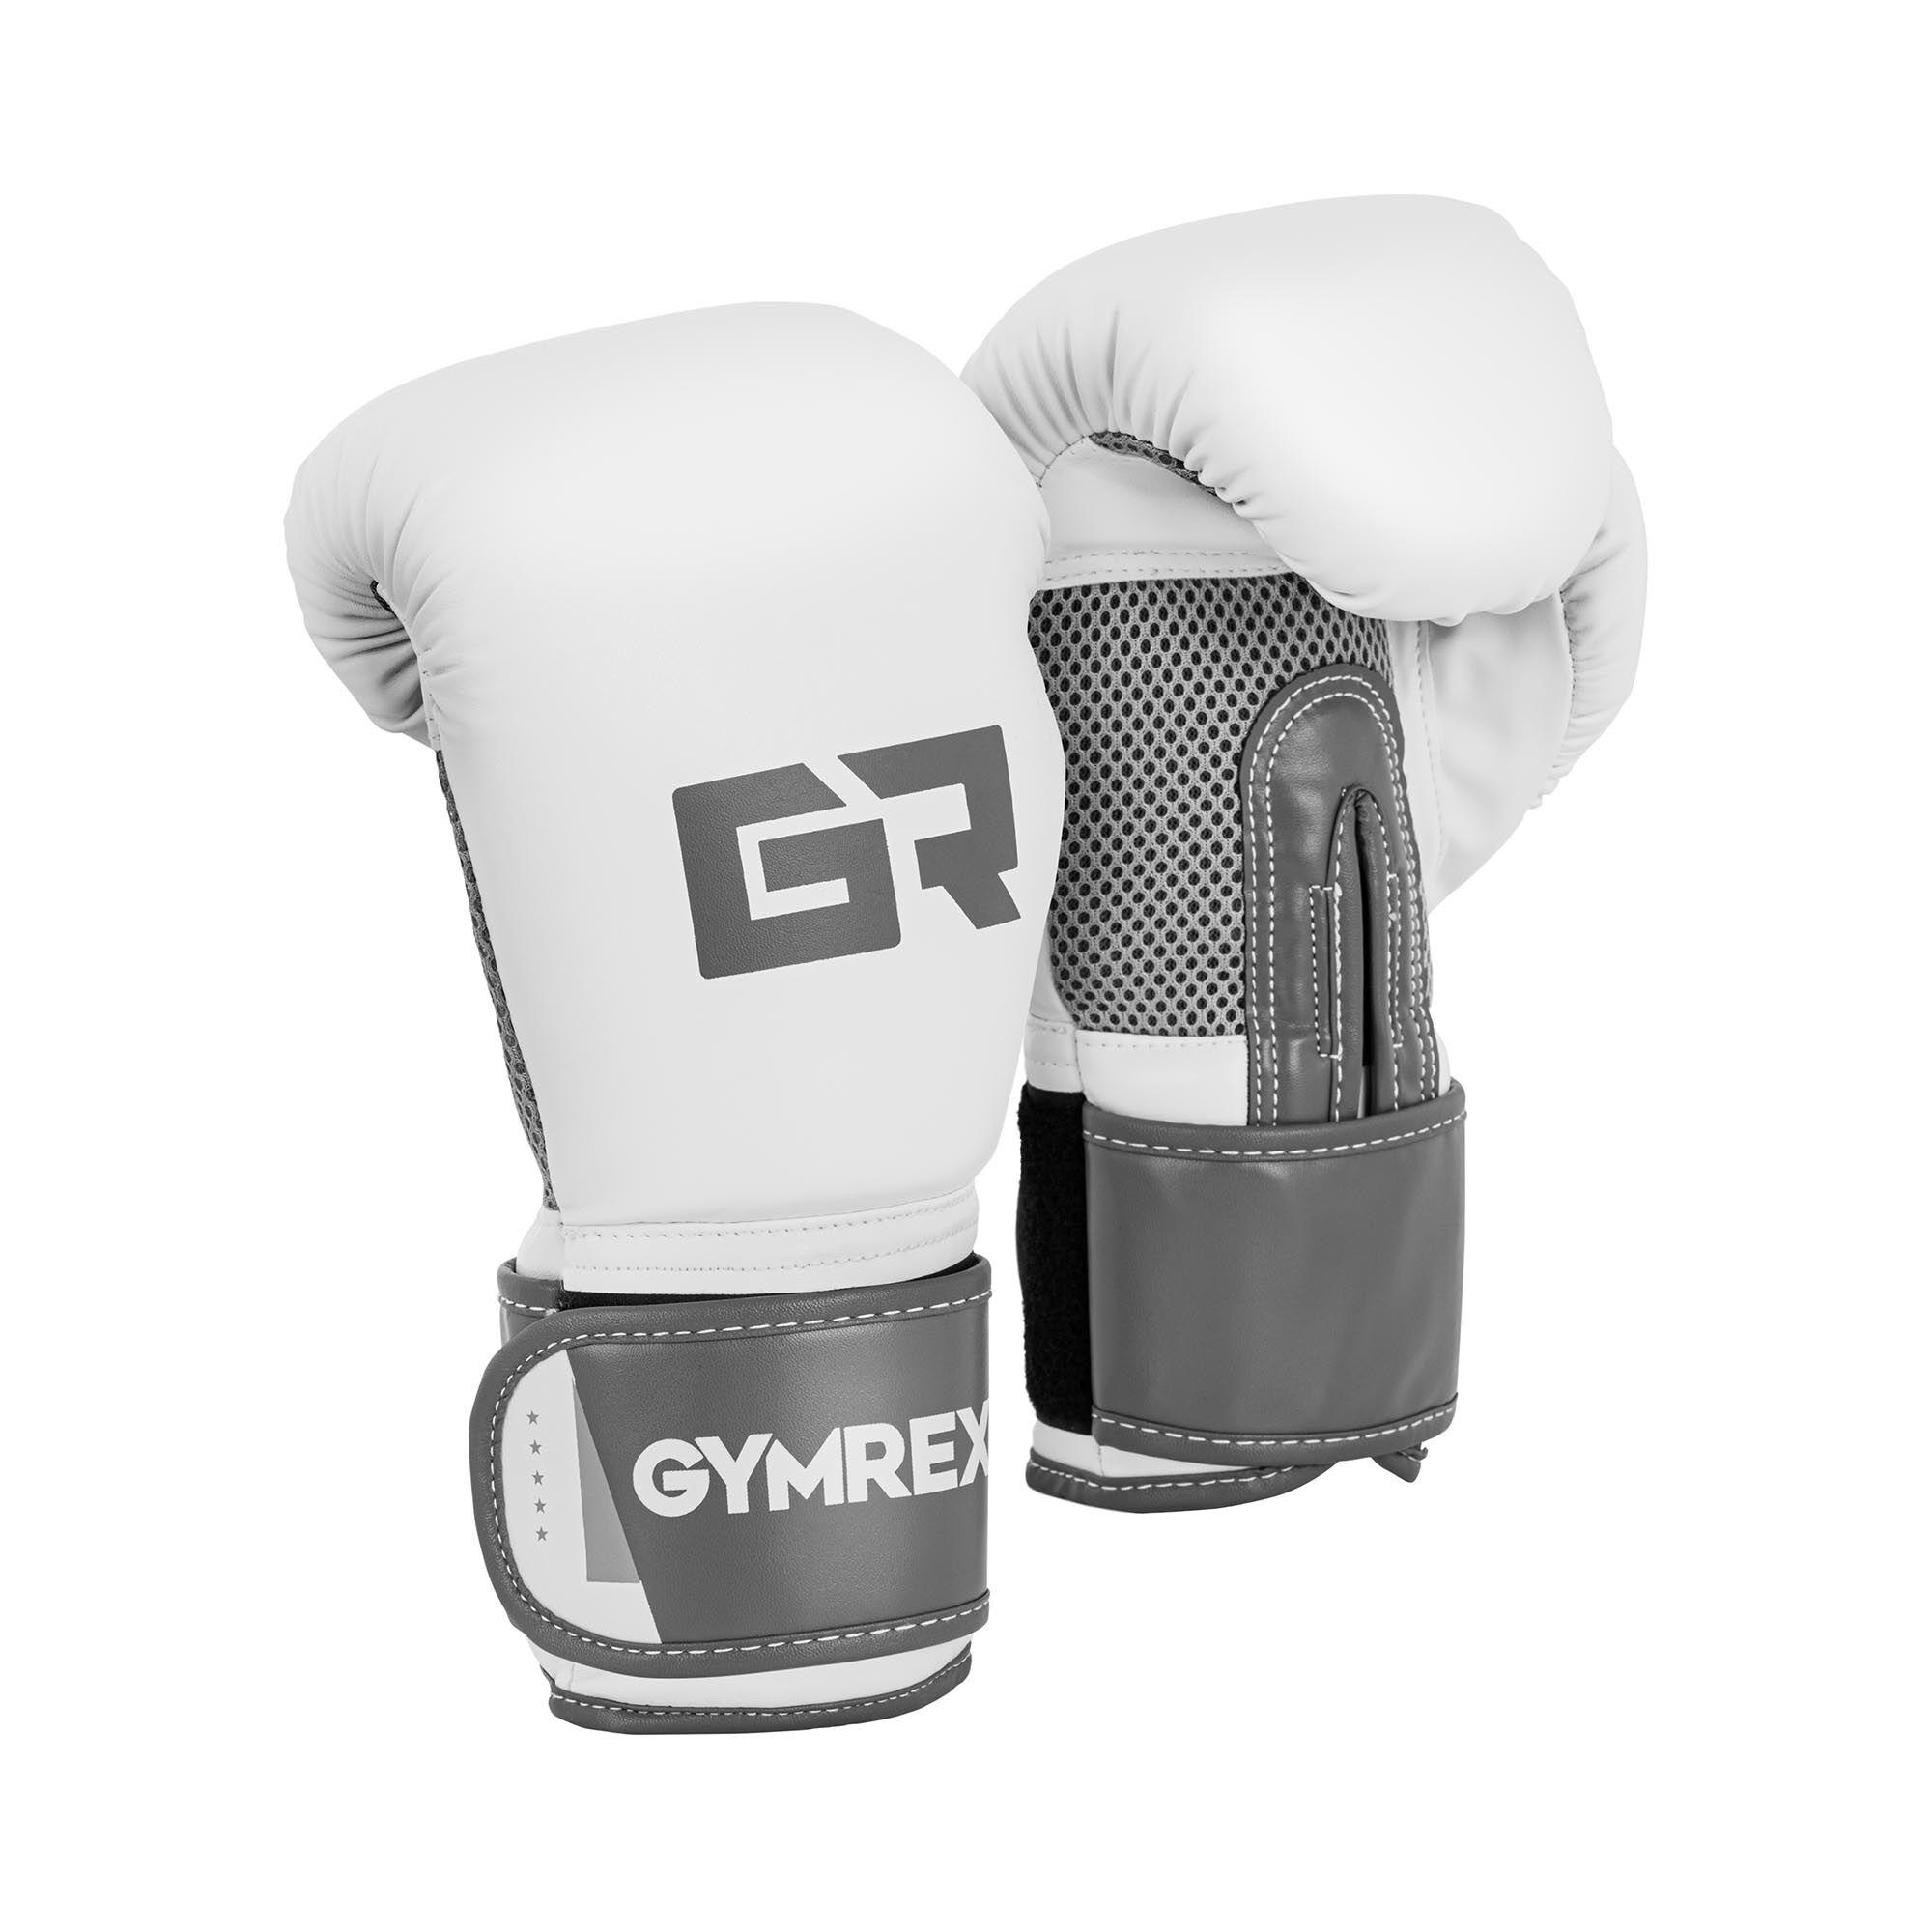 Gymrex Gants de boxe - 8 oz - Paume Mesh - Blancs et gris pâle, fini métallique GR-BG 8B